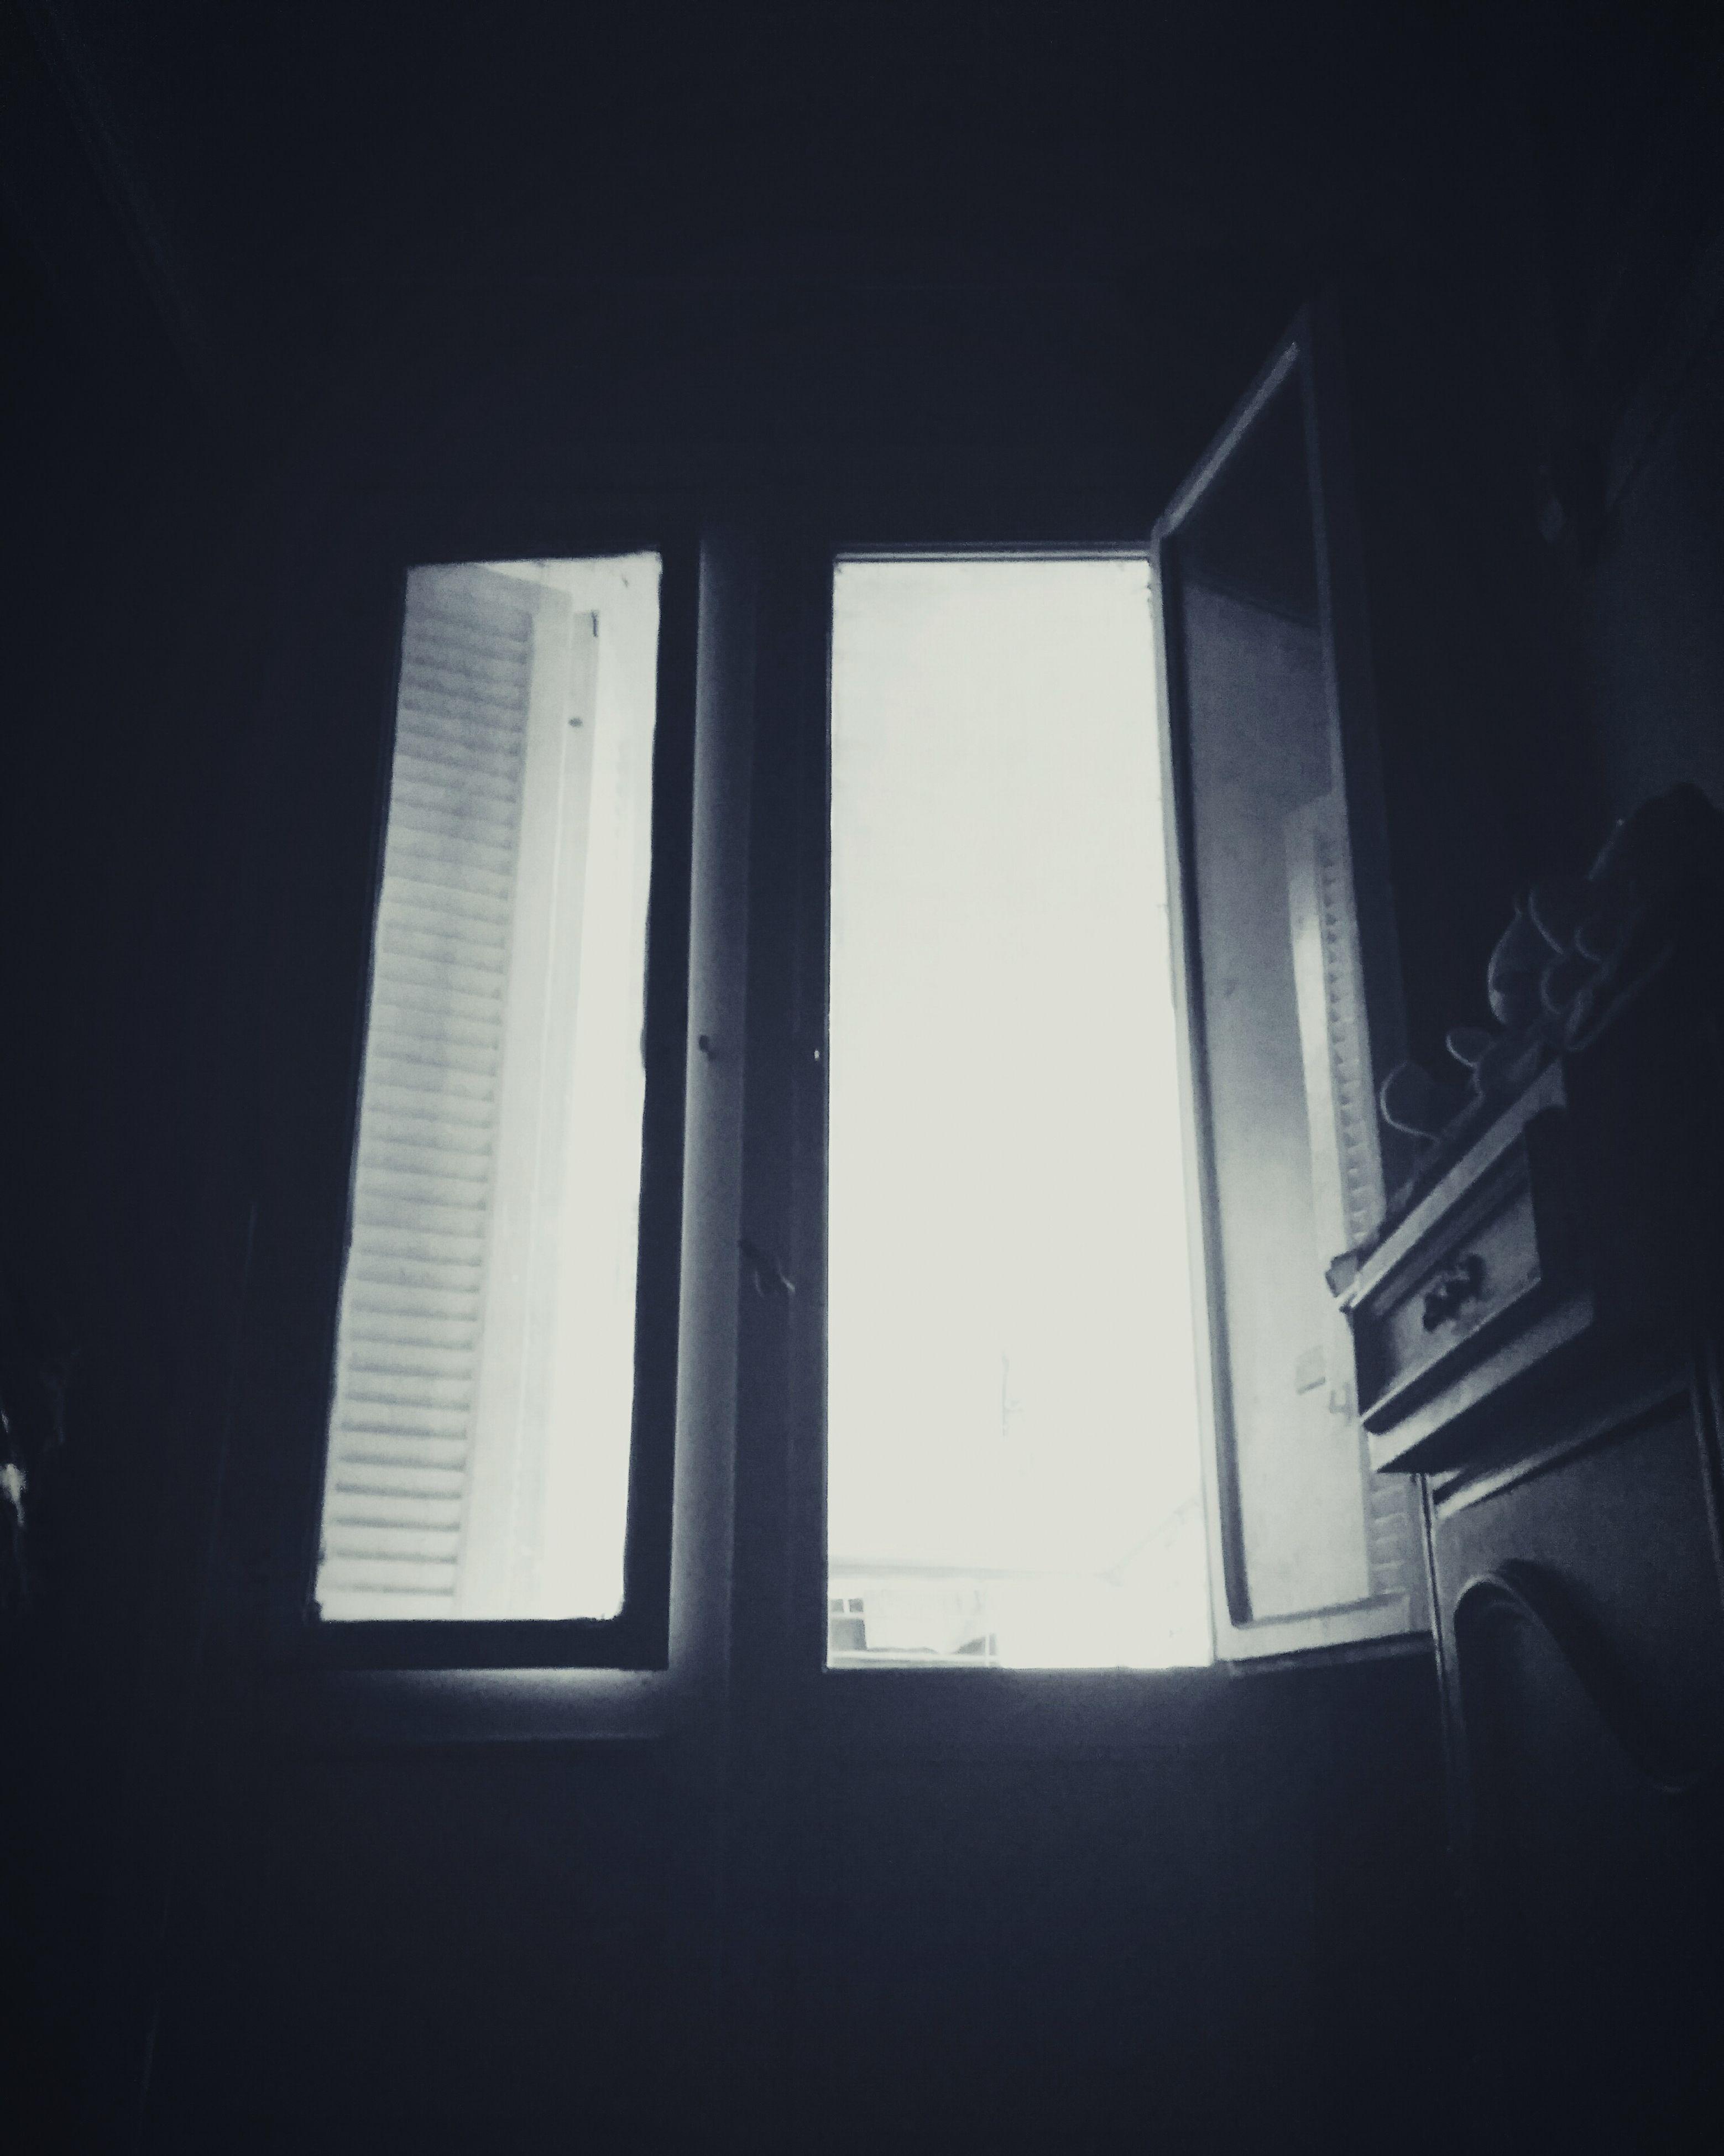 window, indoors, dark, darkroom